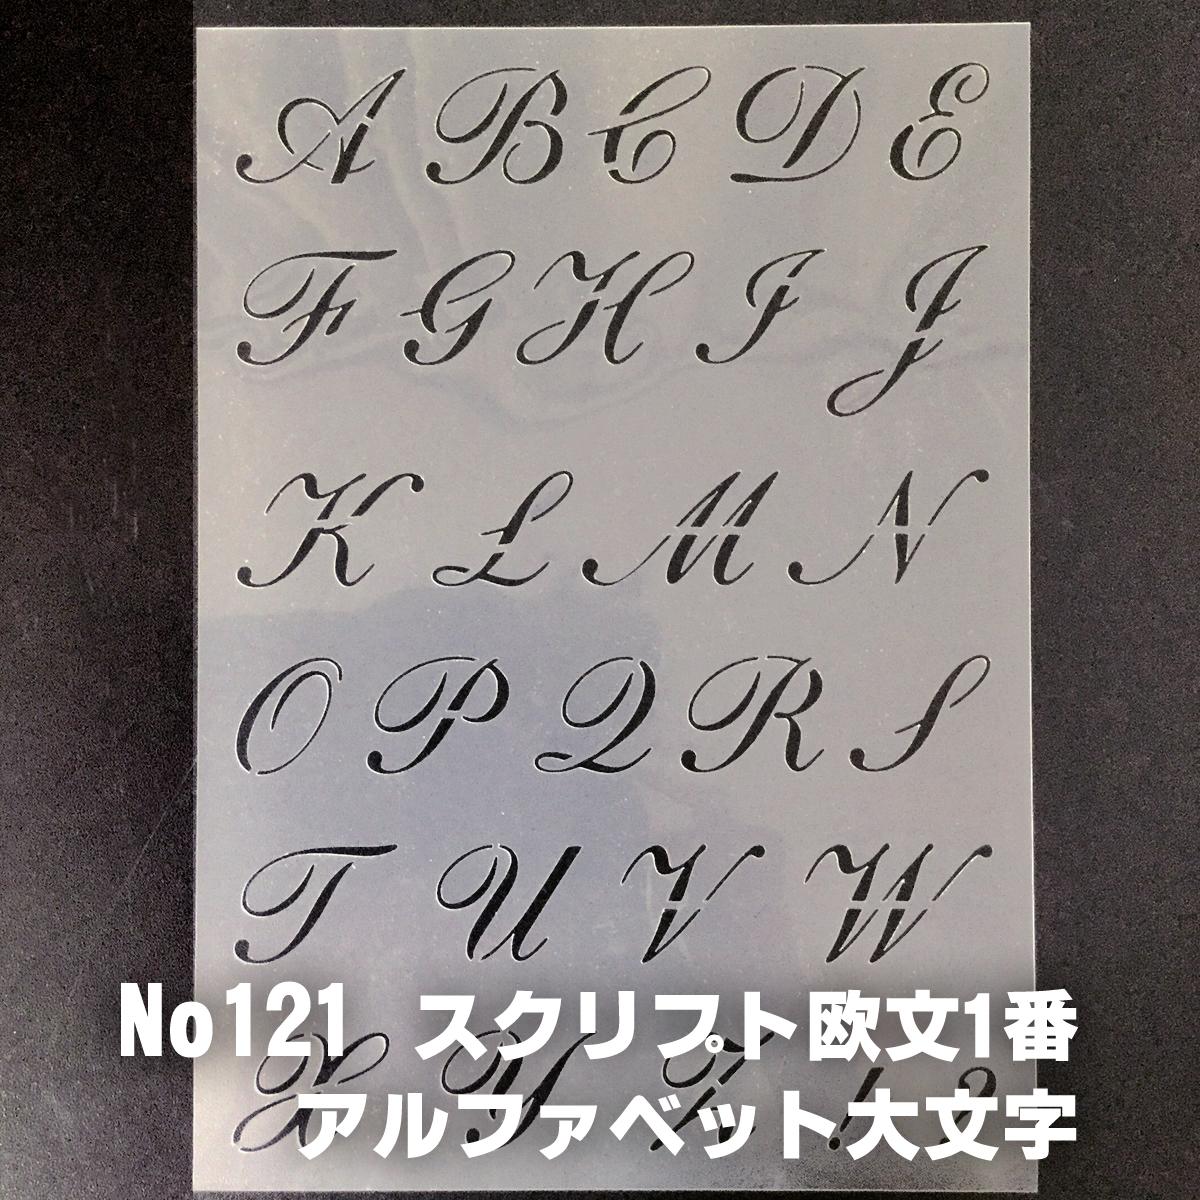 スクリプト欧文書体①番 アルファベット 大文字 サイズ縦3センチ基準 sb1 ステンシルシート NO121_画像1